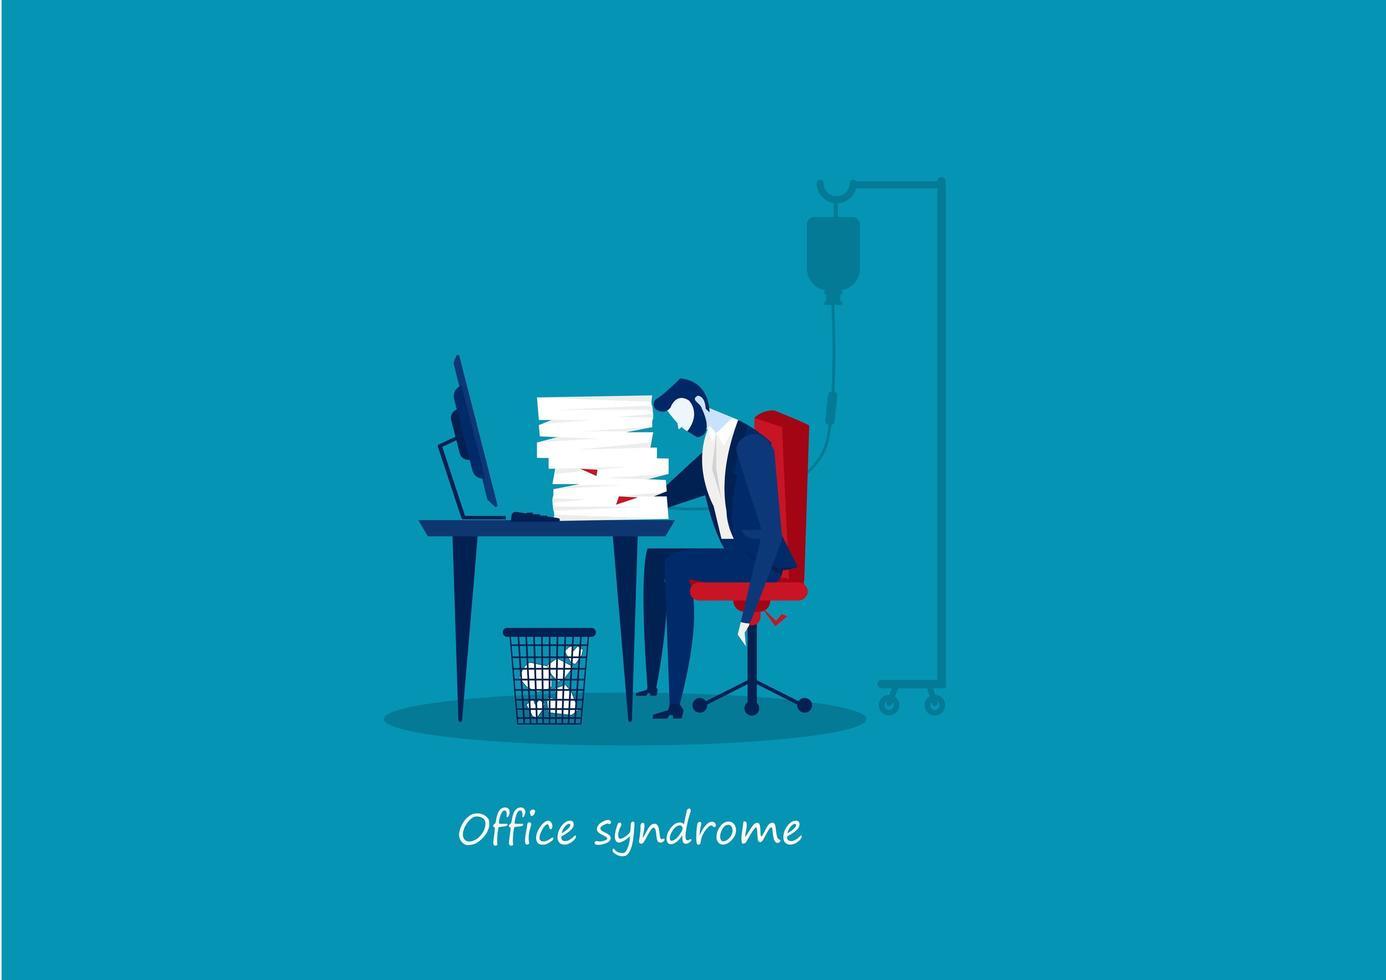 uomo d'affari stanco con sindrome dell'ufficio vettore